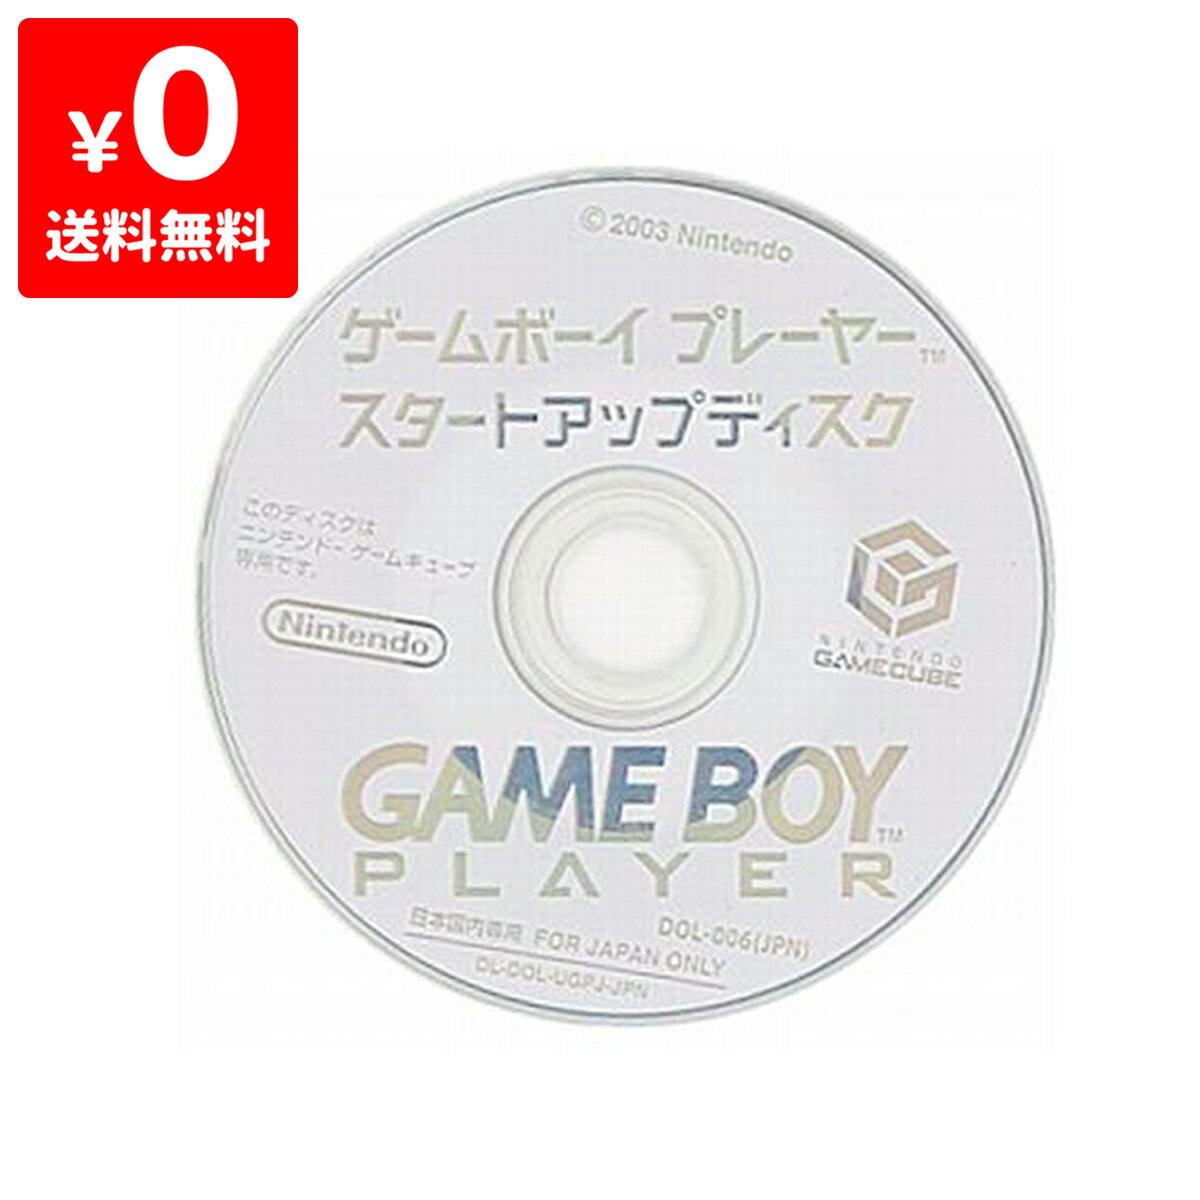 ゲームキューブ, 周辺機器 GC GAMECUBE